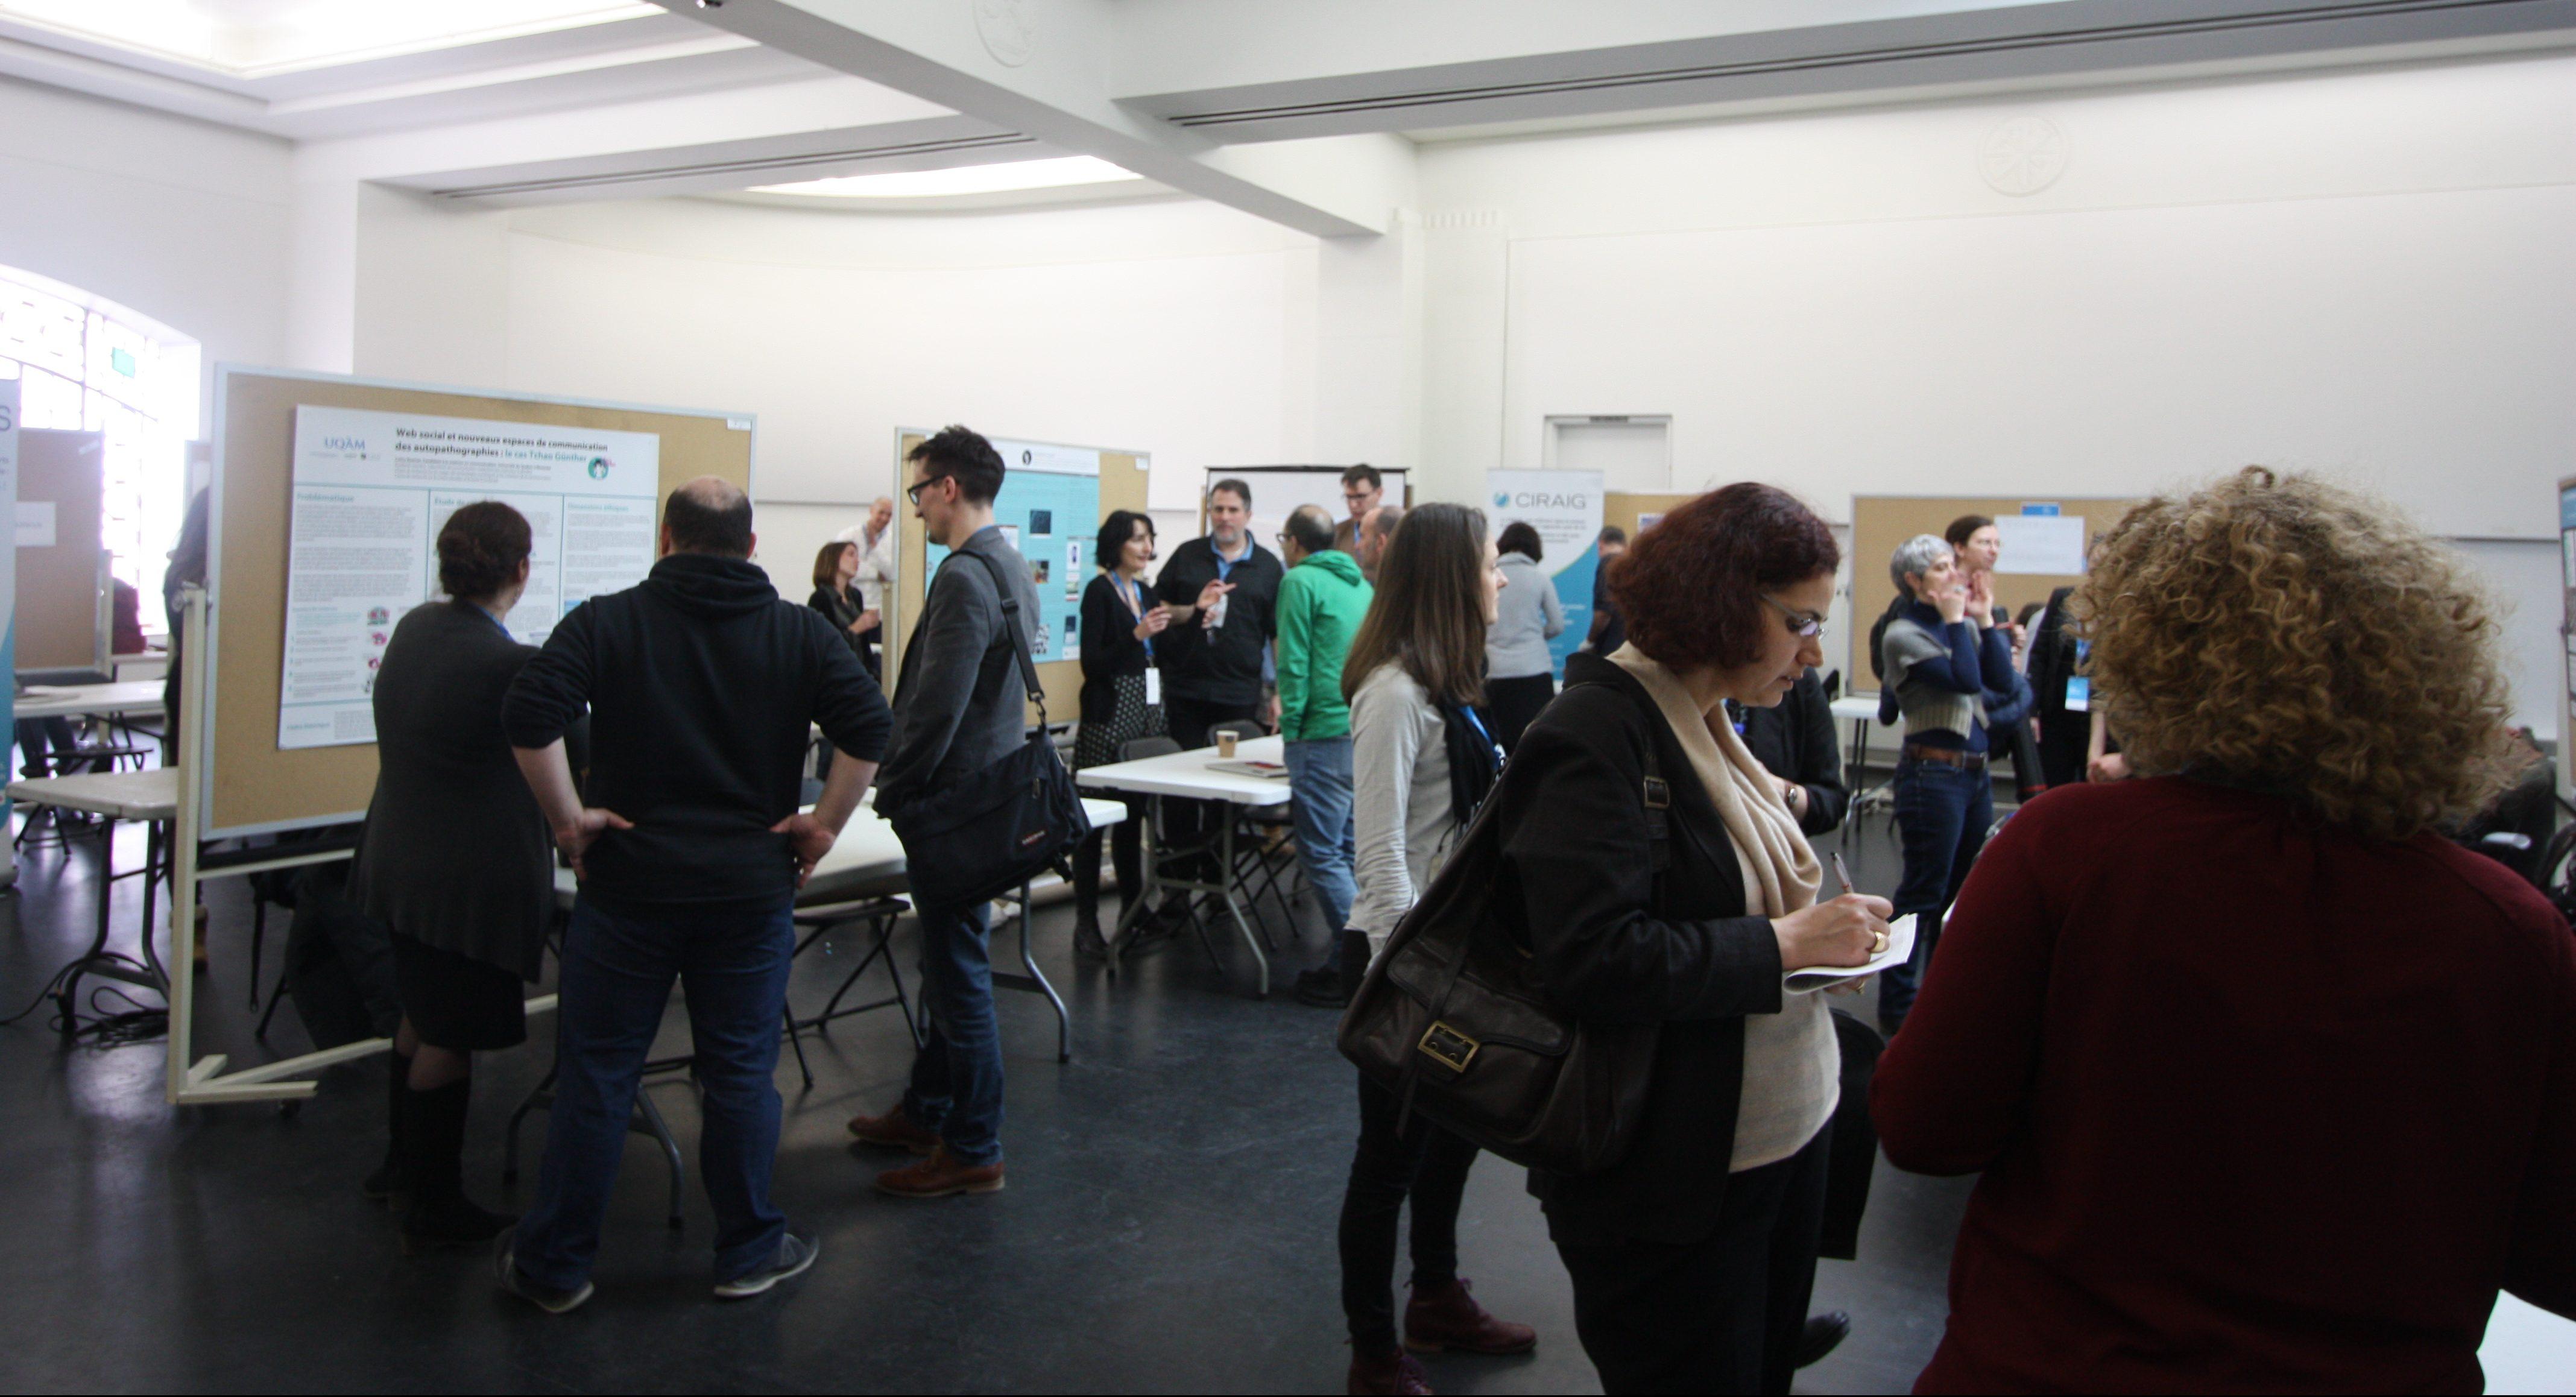 Le Forum numérique s'est tenu à l'UQÀM les 23 et 24 mars derniers. Image: SC